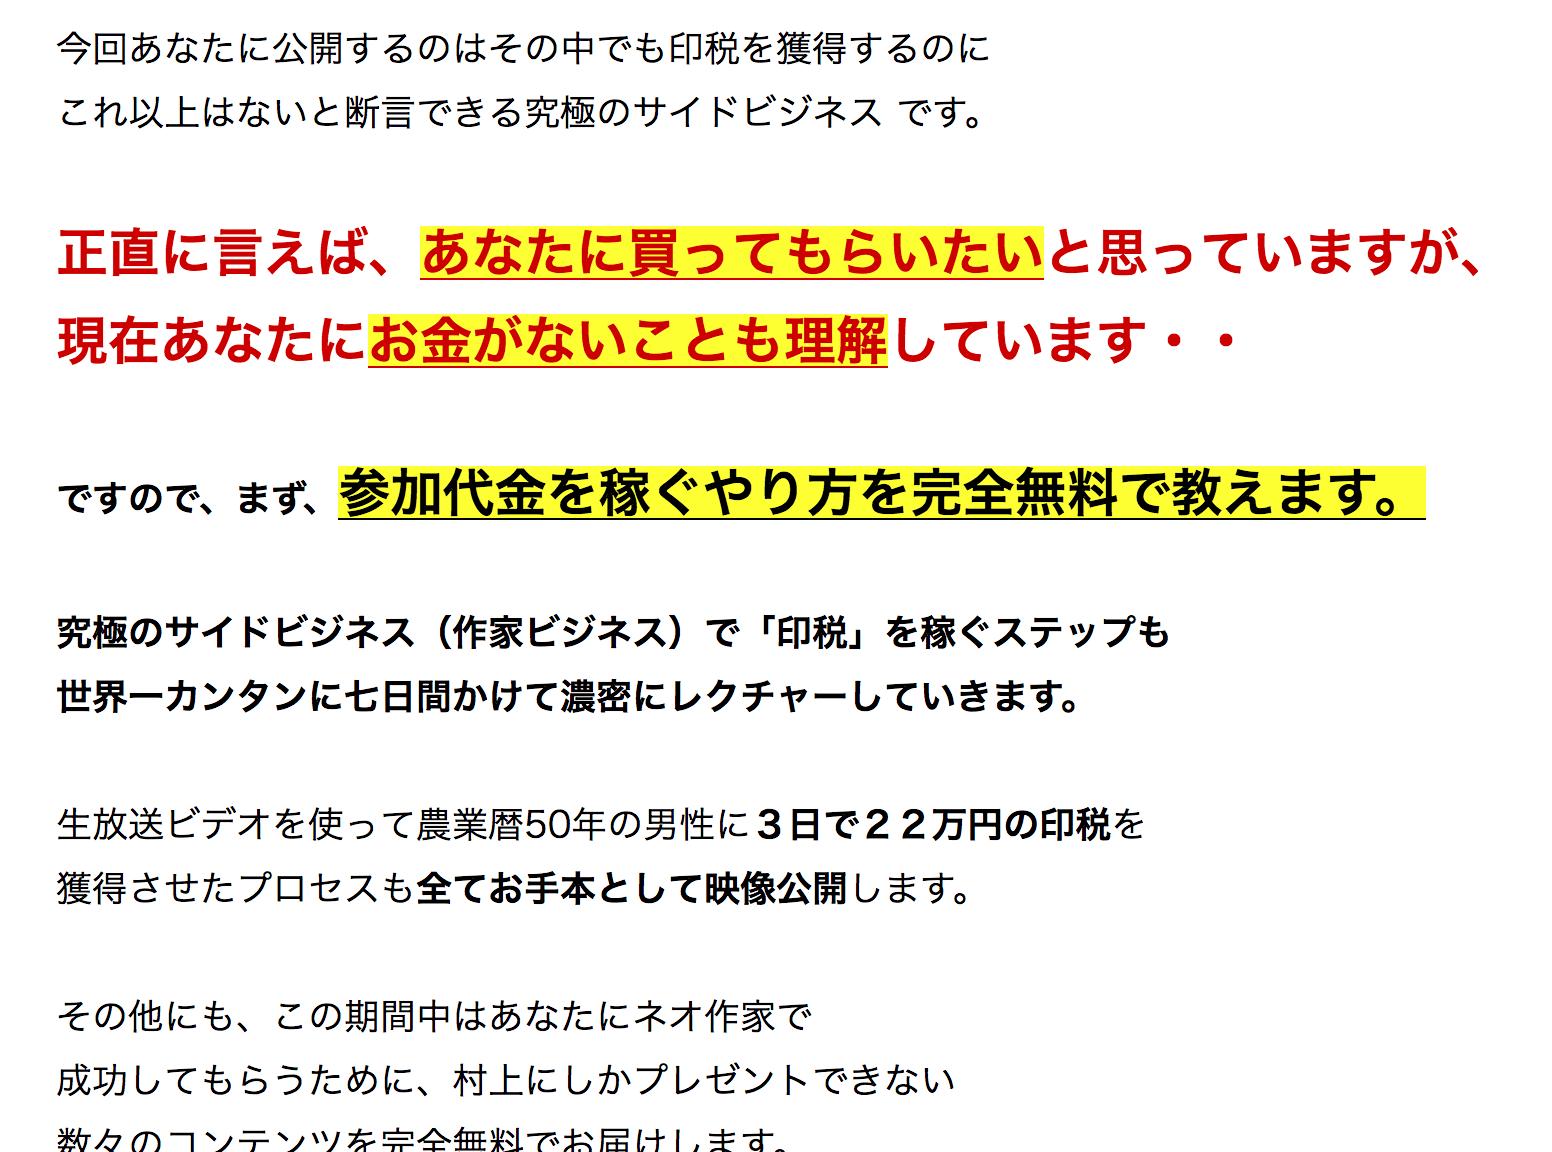 """村上むねつぐ氏のプロフィールの画像"""""""""""